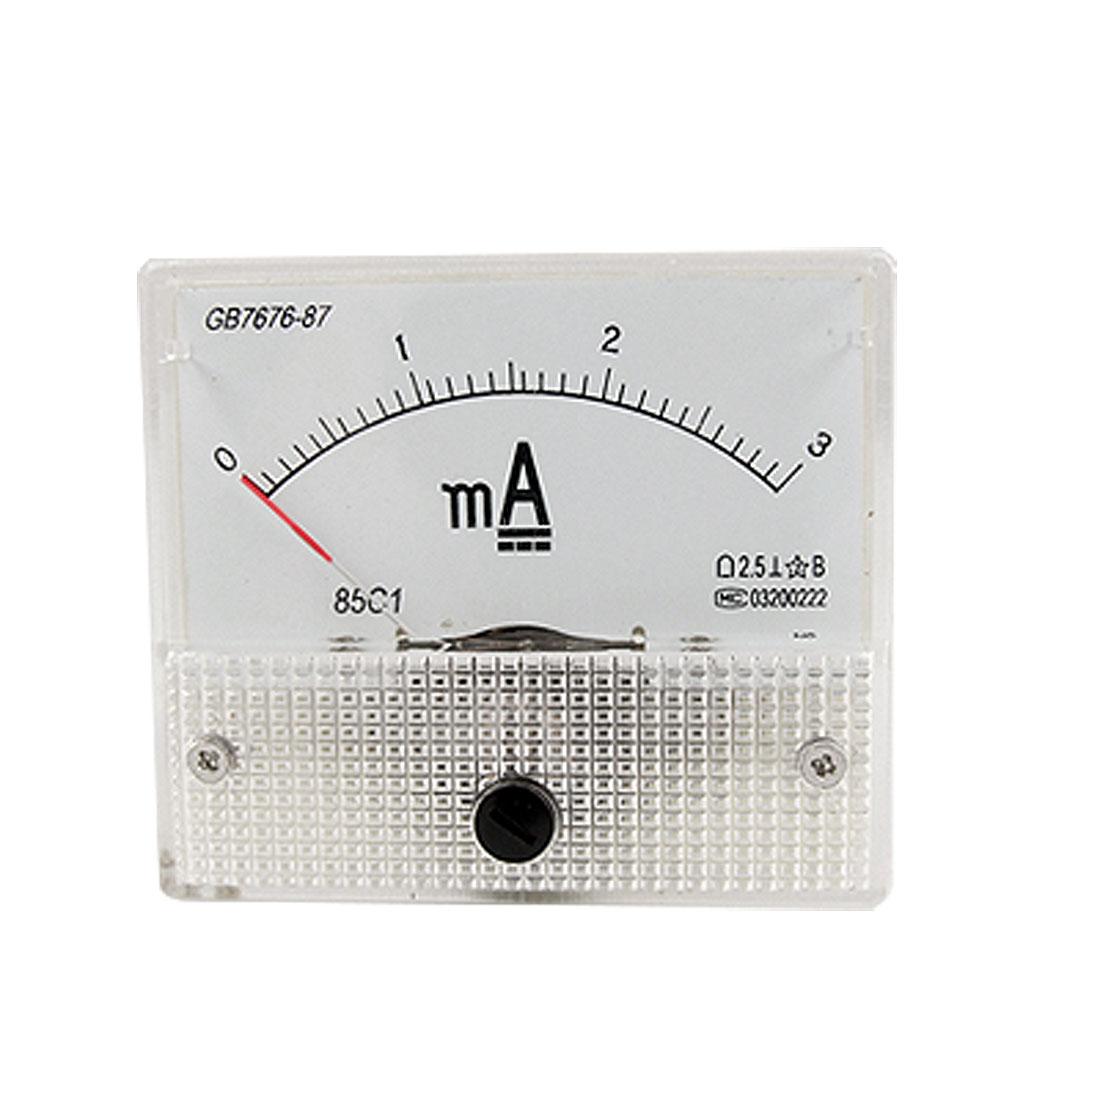 DC 3mA Analog Current Panel Meter Ammeter Gauge 85C1